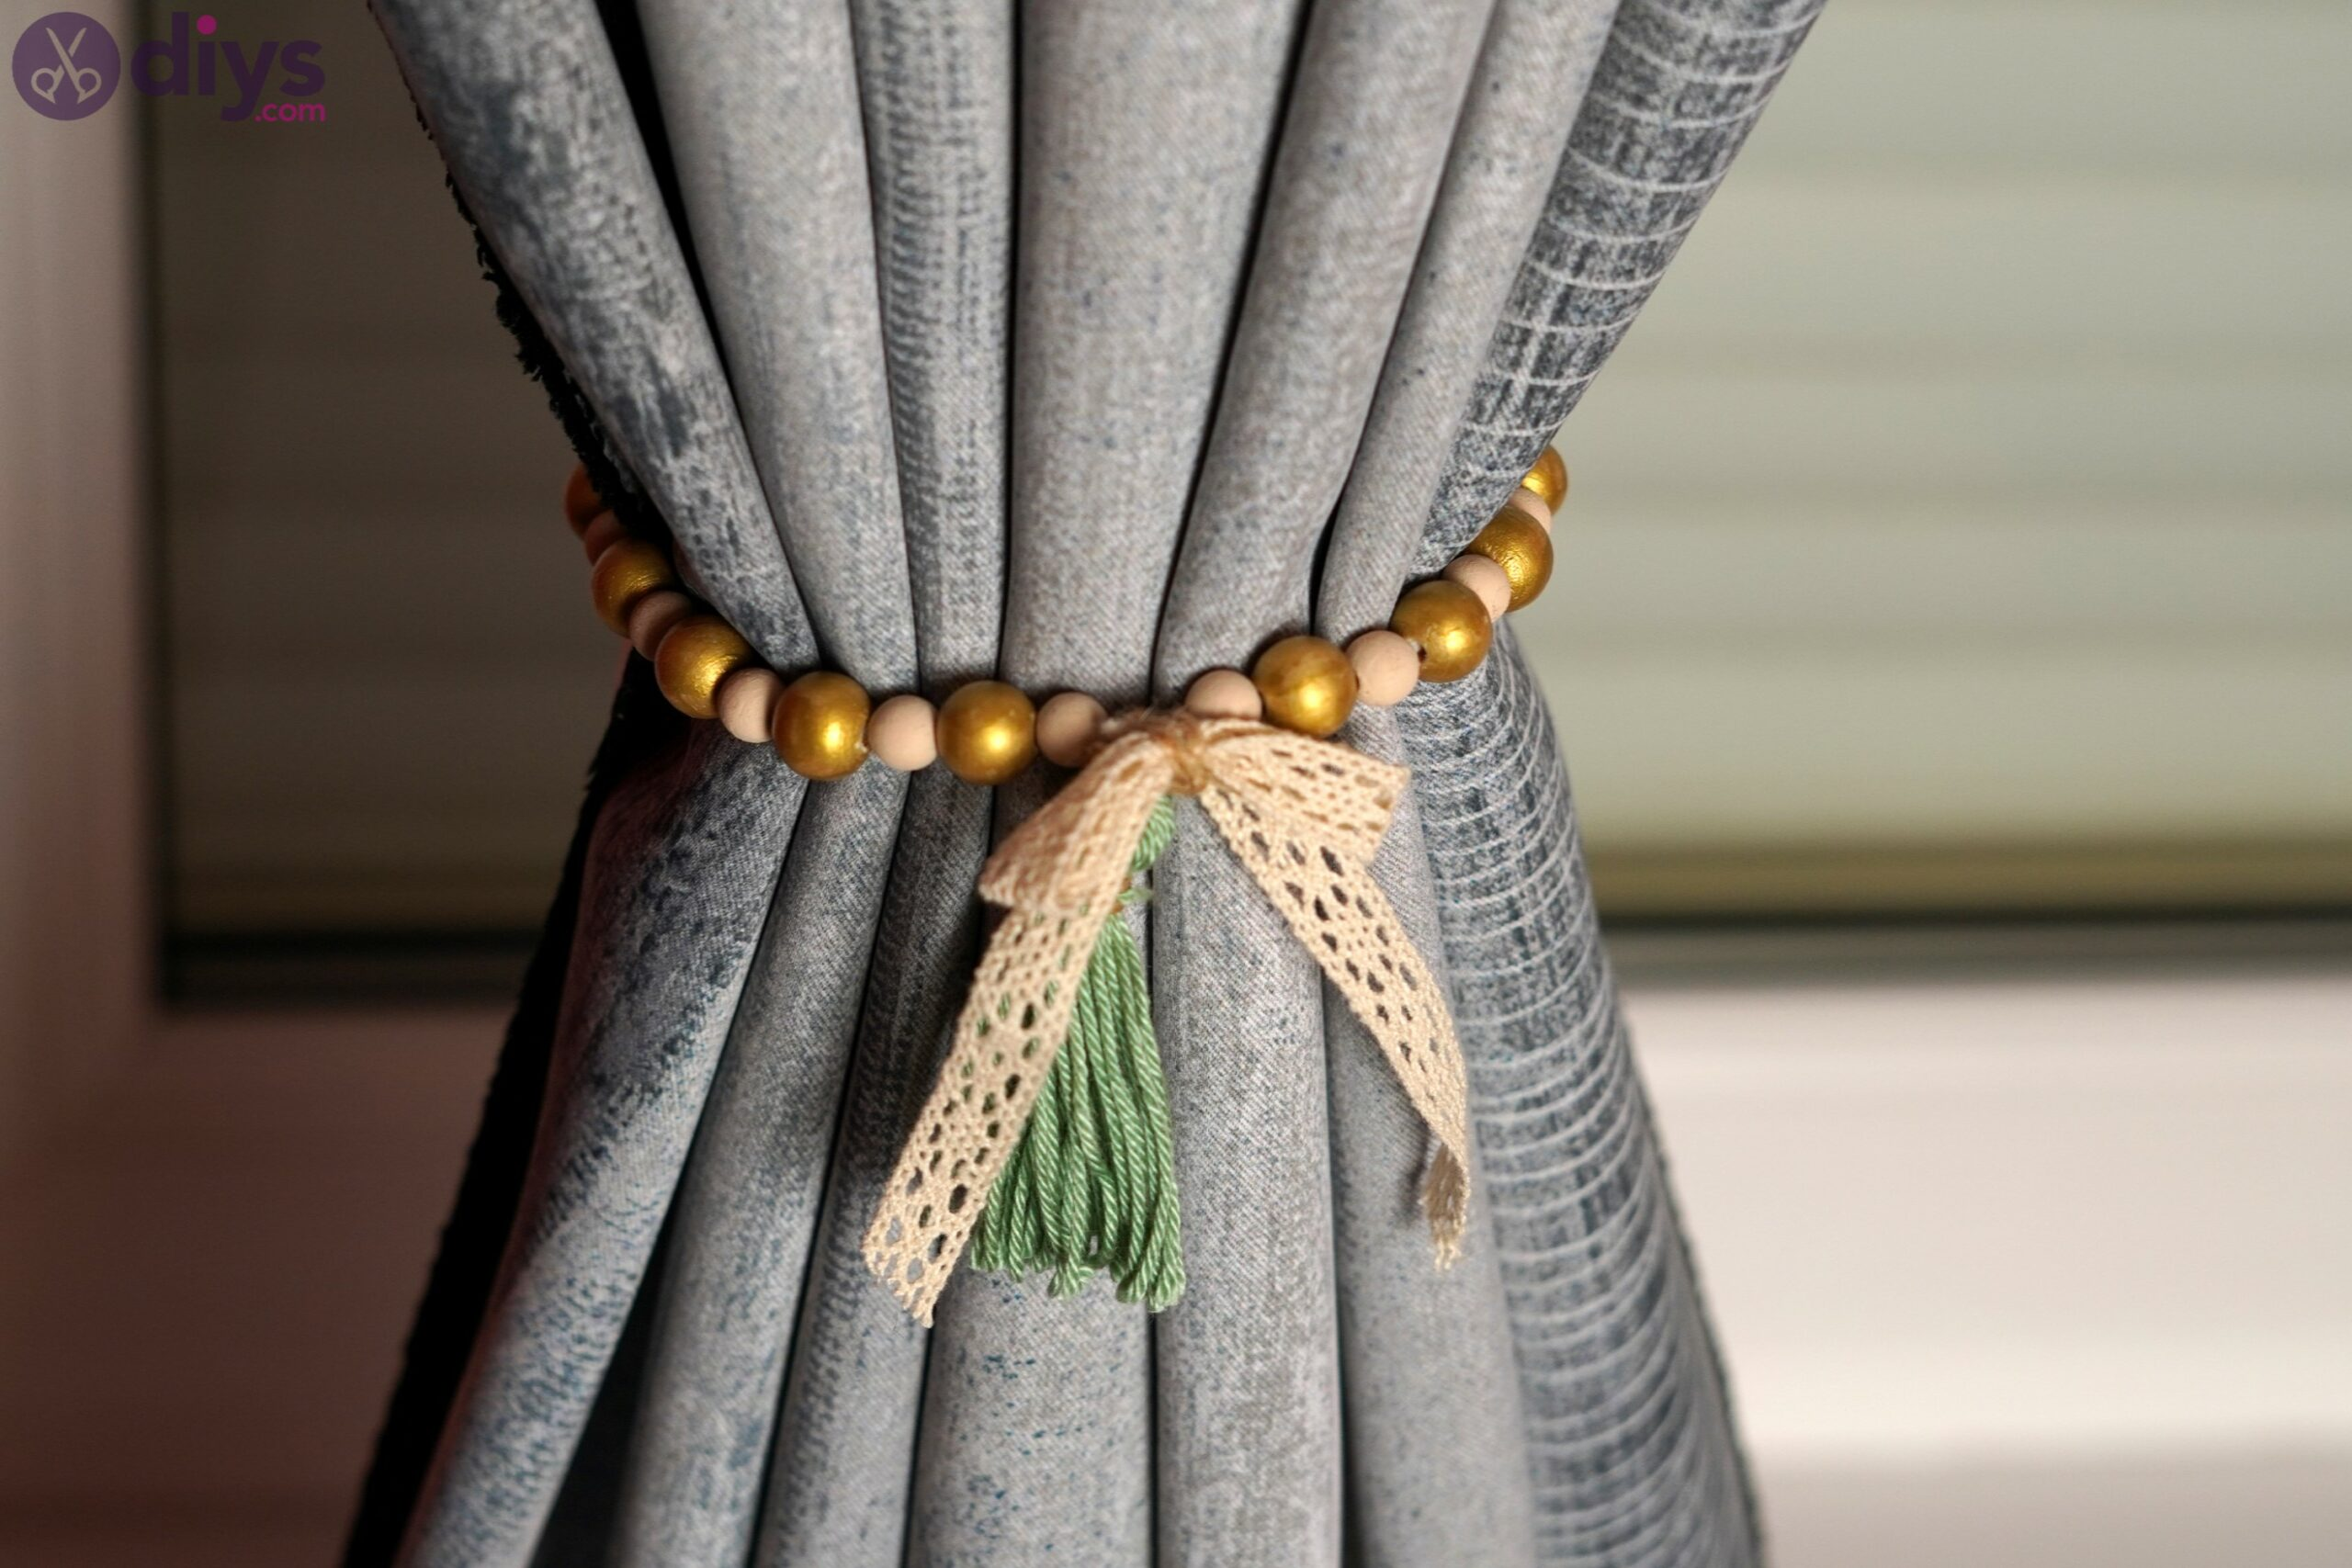 Wooden bead curtain tieback photos (2)